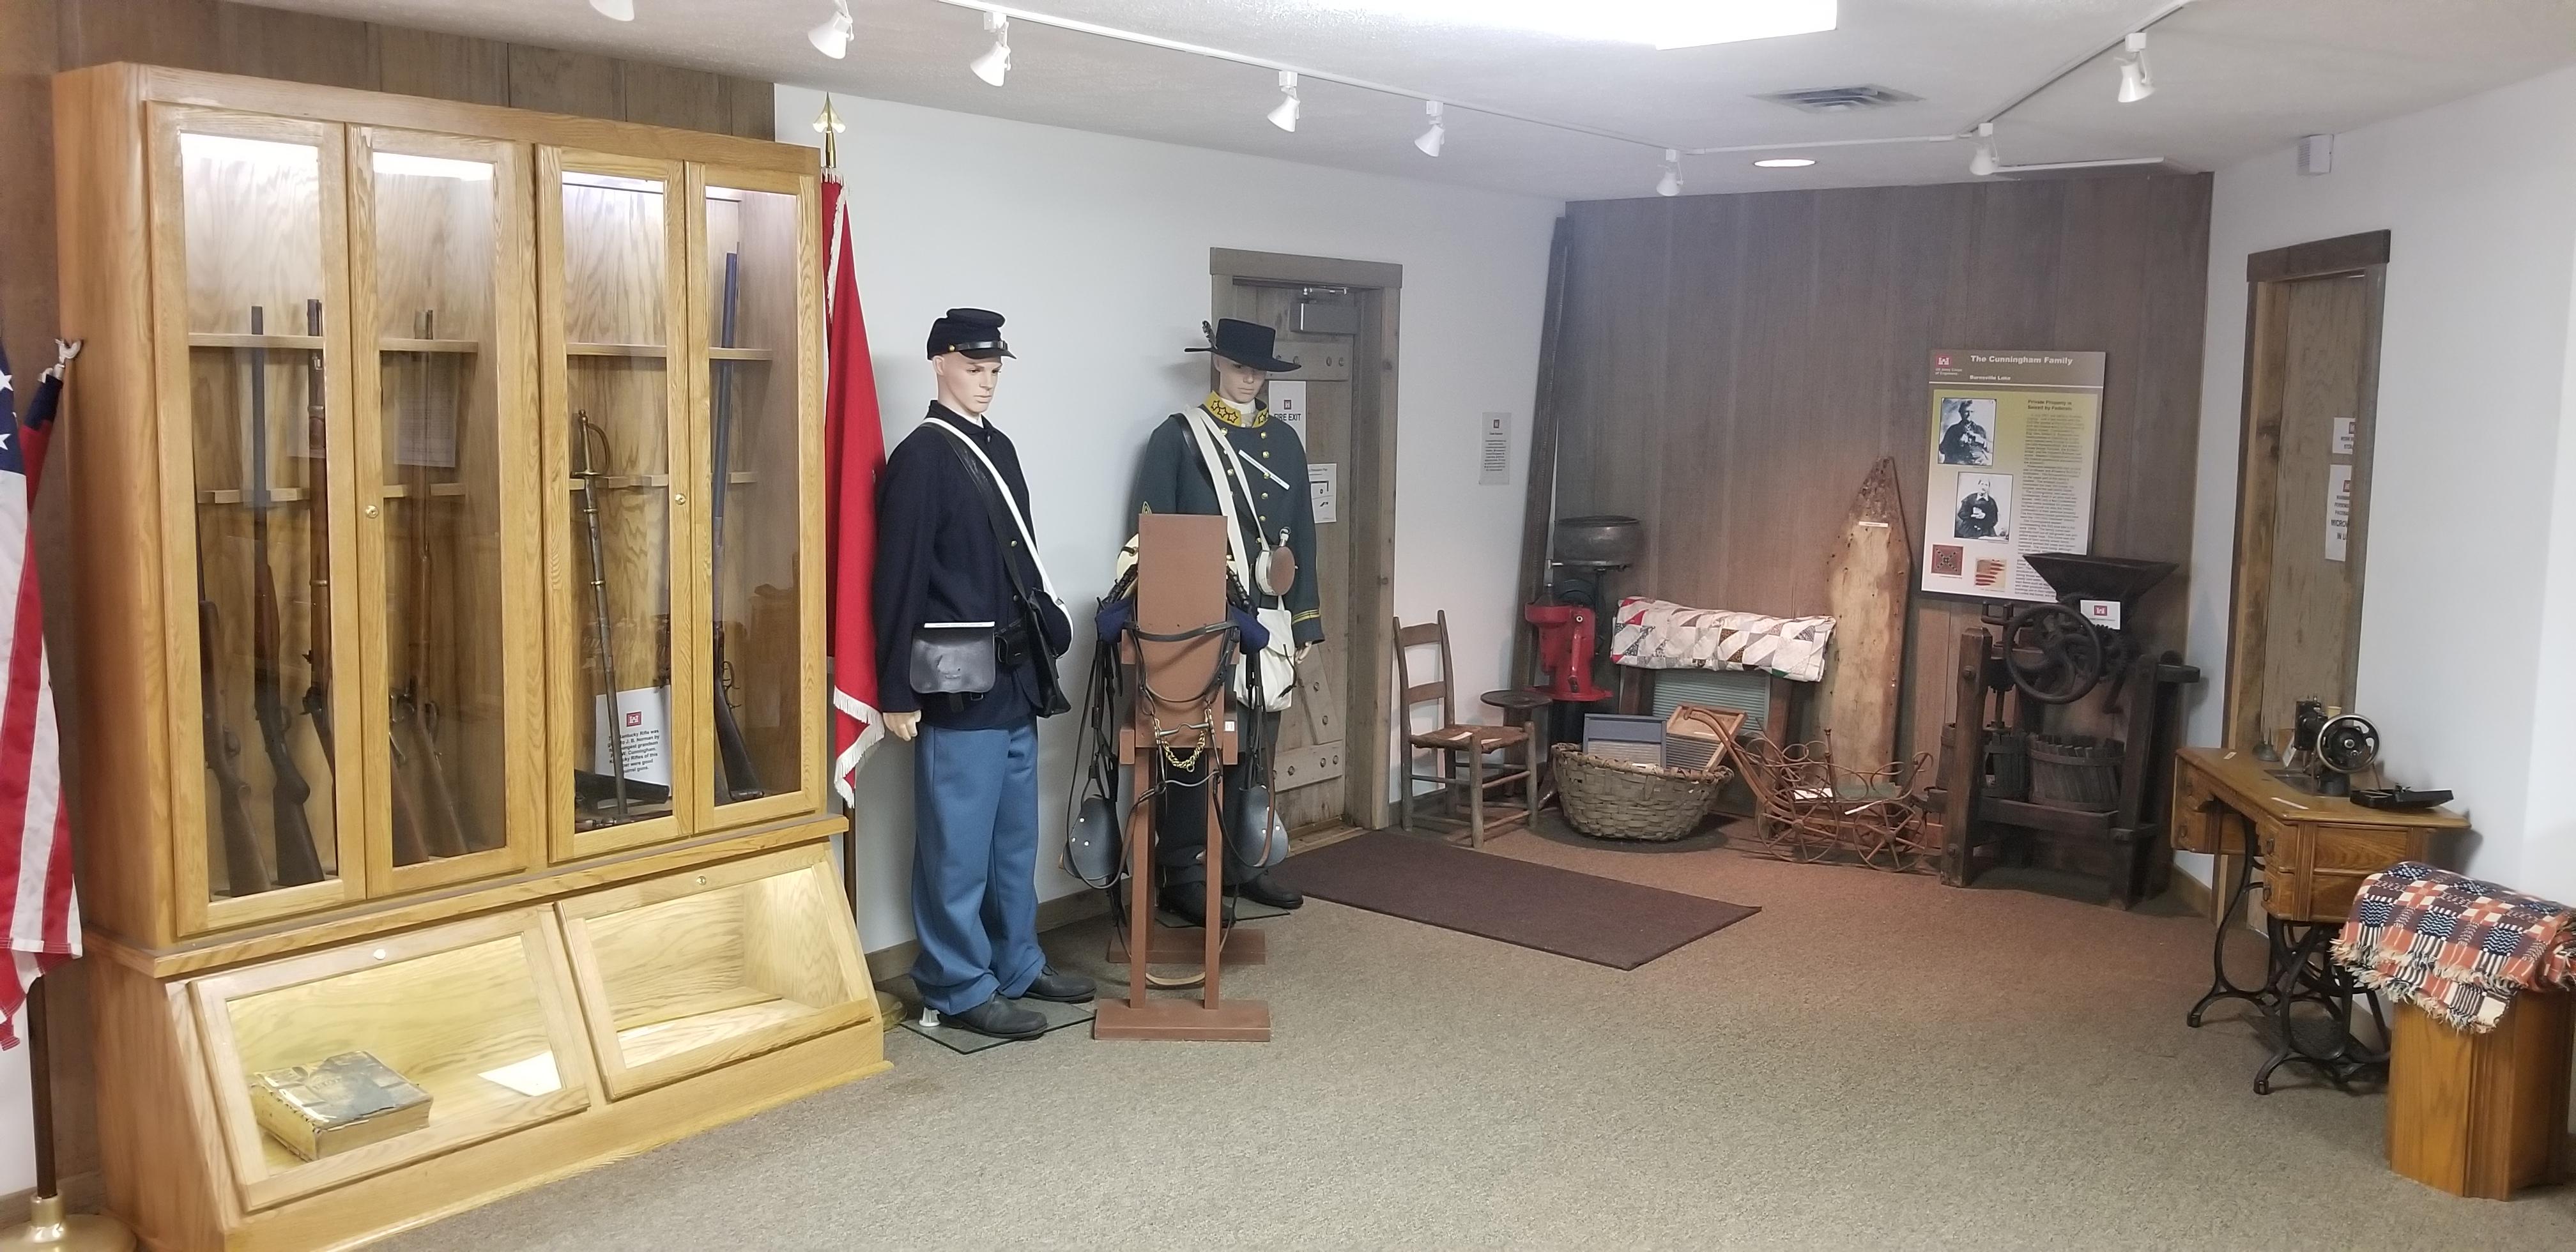 Federal Private's Uniform (Left) & Confederate Colonel's Uniform (Right)